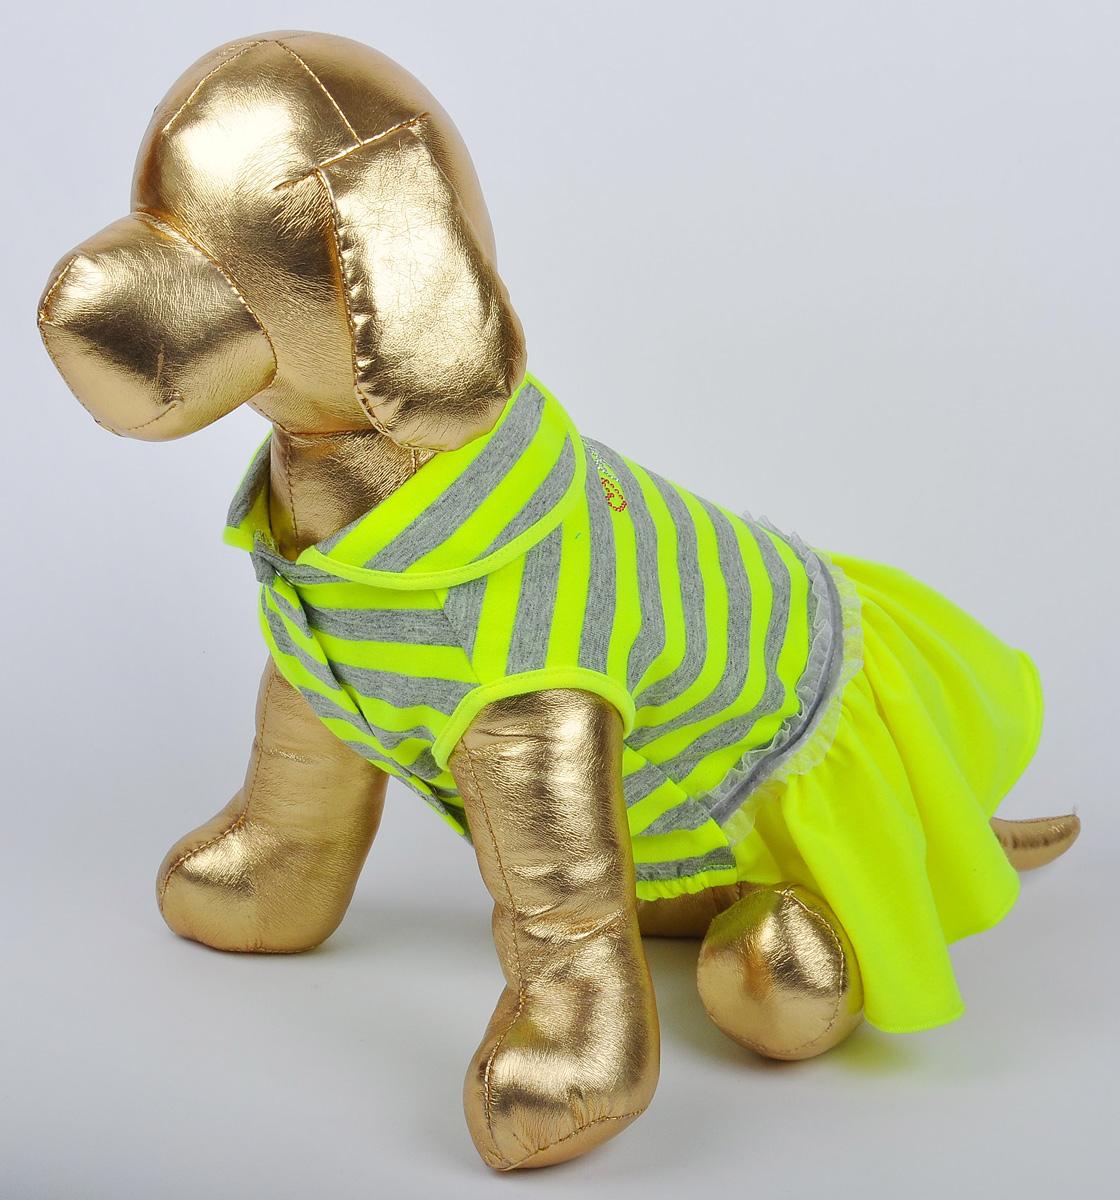 Платье для собак GLG Фэшн Ультра. Размер XSMOS-006-YELLOW-XSПлатье для собак GLG Фэшн Ультра выполнено из вискозы. Рукава не ограничивают свободу движений, и собачка будет чувствовать себя в нем комфортно. Изделие застегивается с помощью кнопок..Модное и невероятно удобное платье защитит вашего питомца от пыли и насекомых на улице, согреет дома или на даче. Длина спины: 19-21 см Обхват груди: 26-28 см.